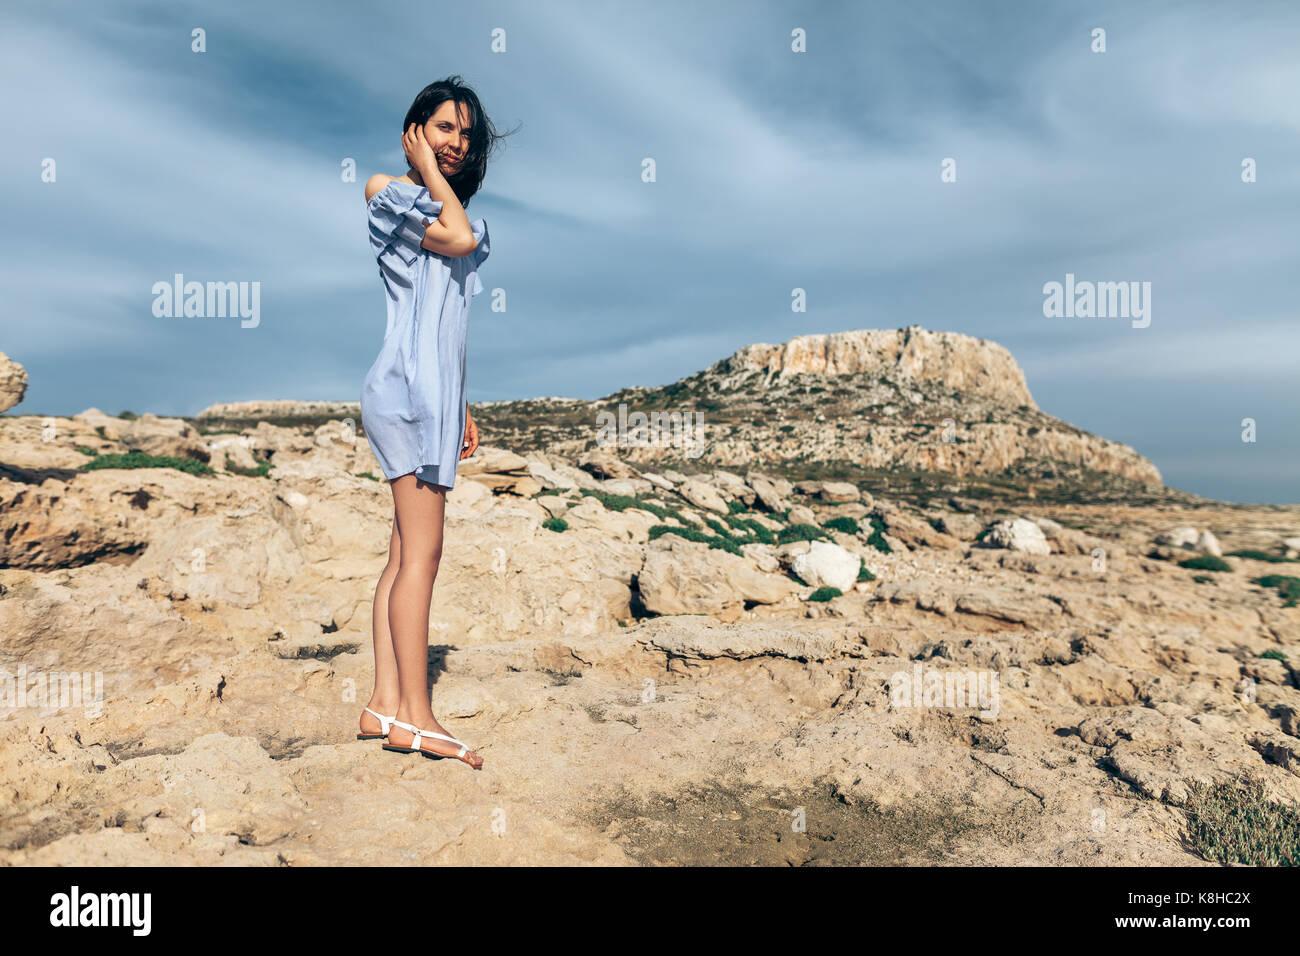 Schöne Frau auf steinige Wüste mit dramatischen Himmel. Mode Stockbild